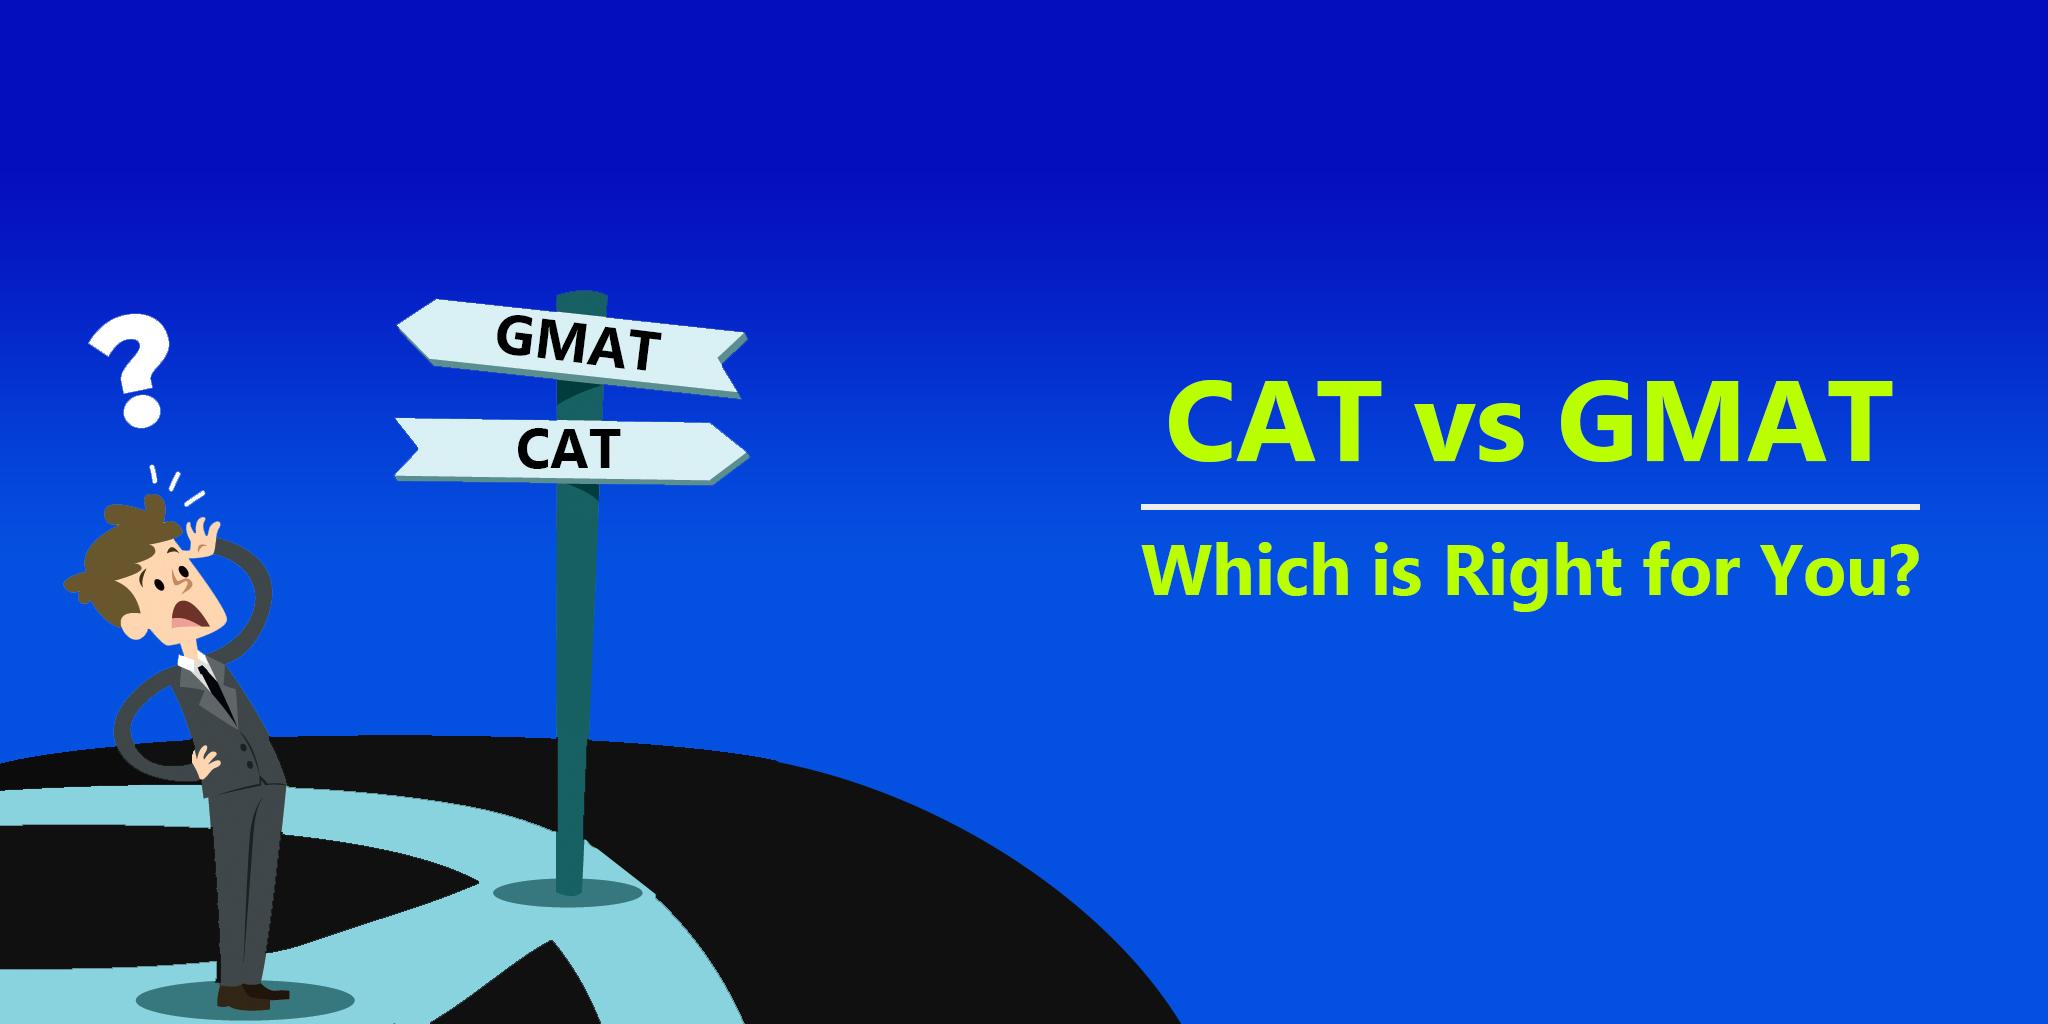 CAT vs GMAT